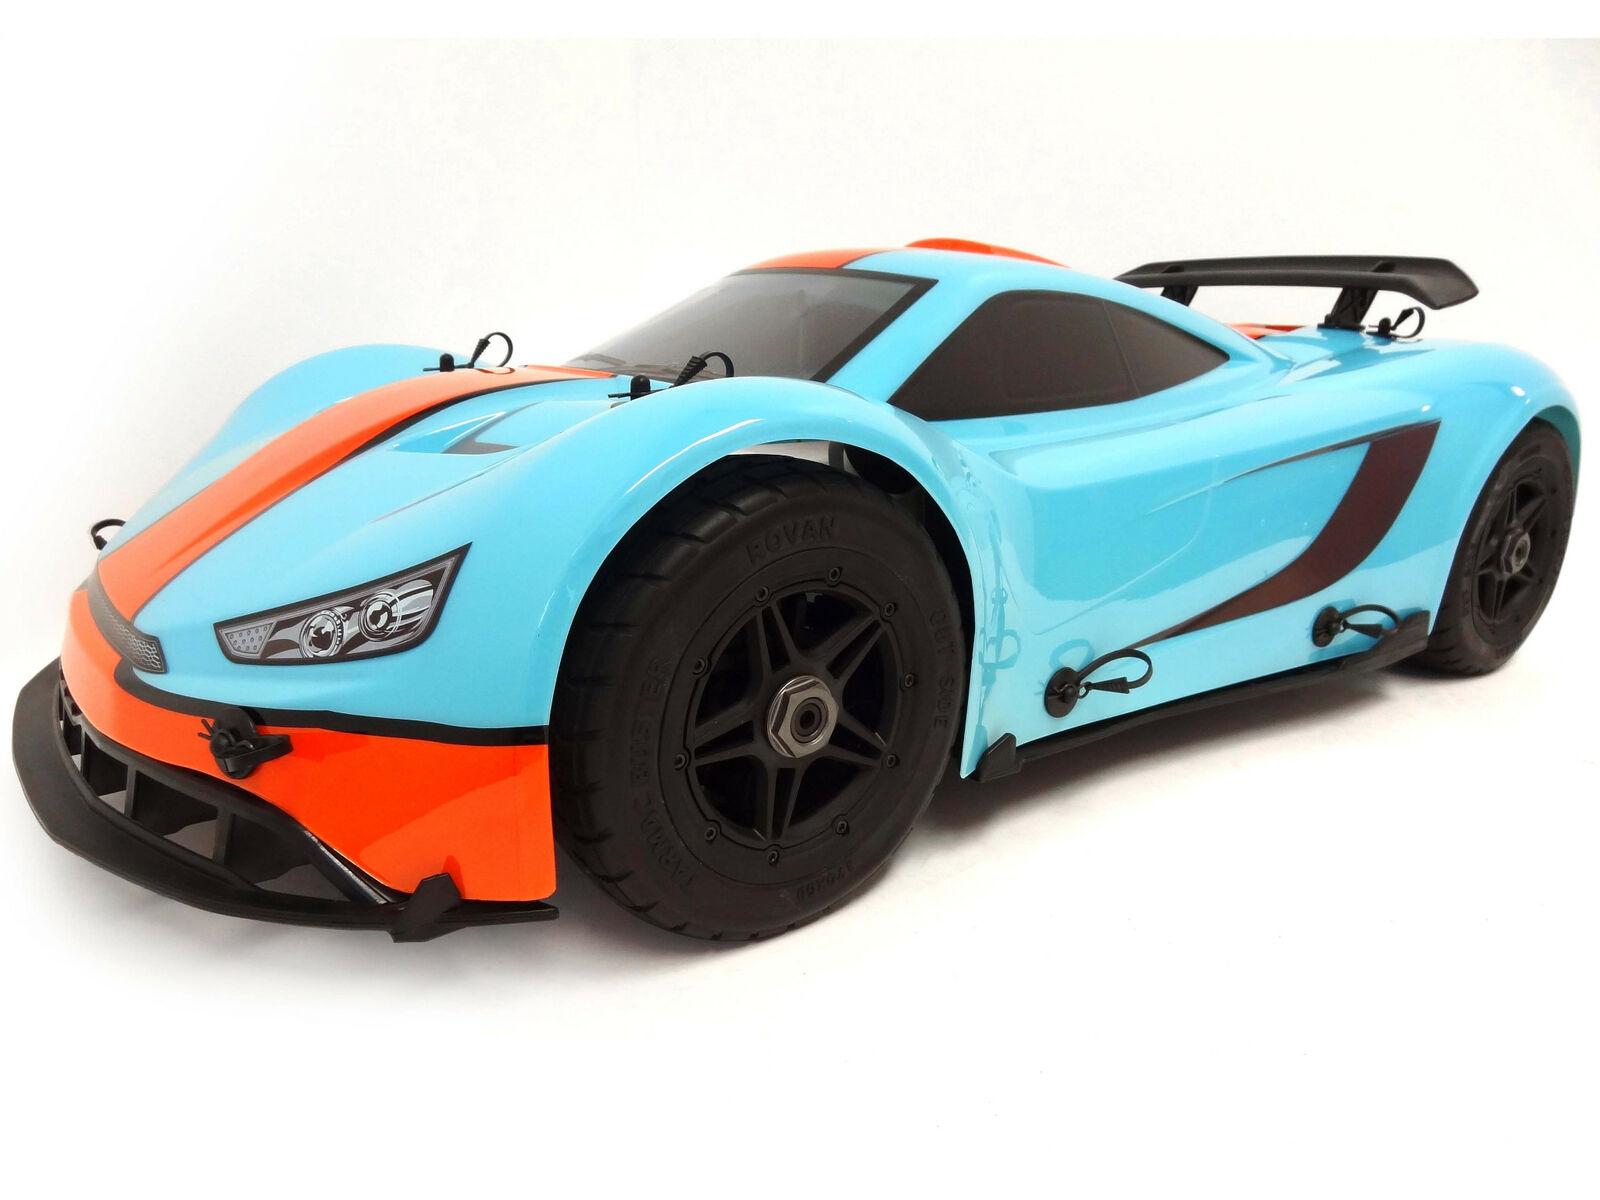 Rovan 1 5 Scale 360 F5 36cc  Gas 4WD On-strada Ready to correre Race auto MCD Compatible  più economico